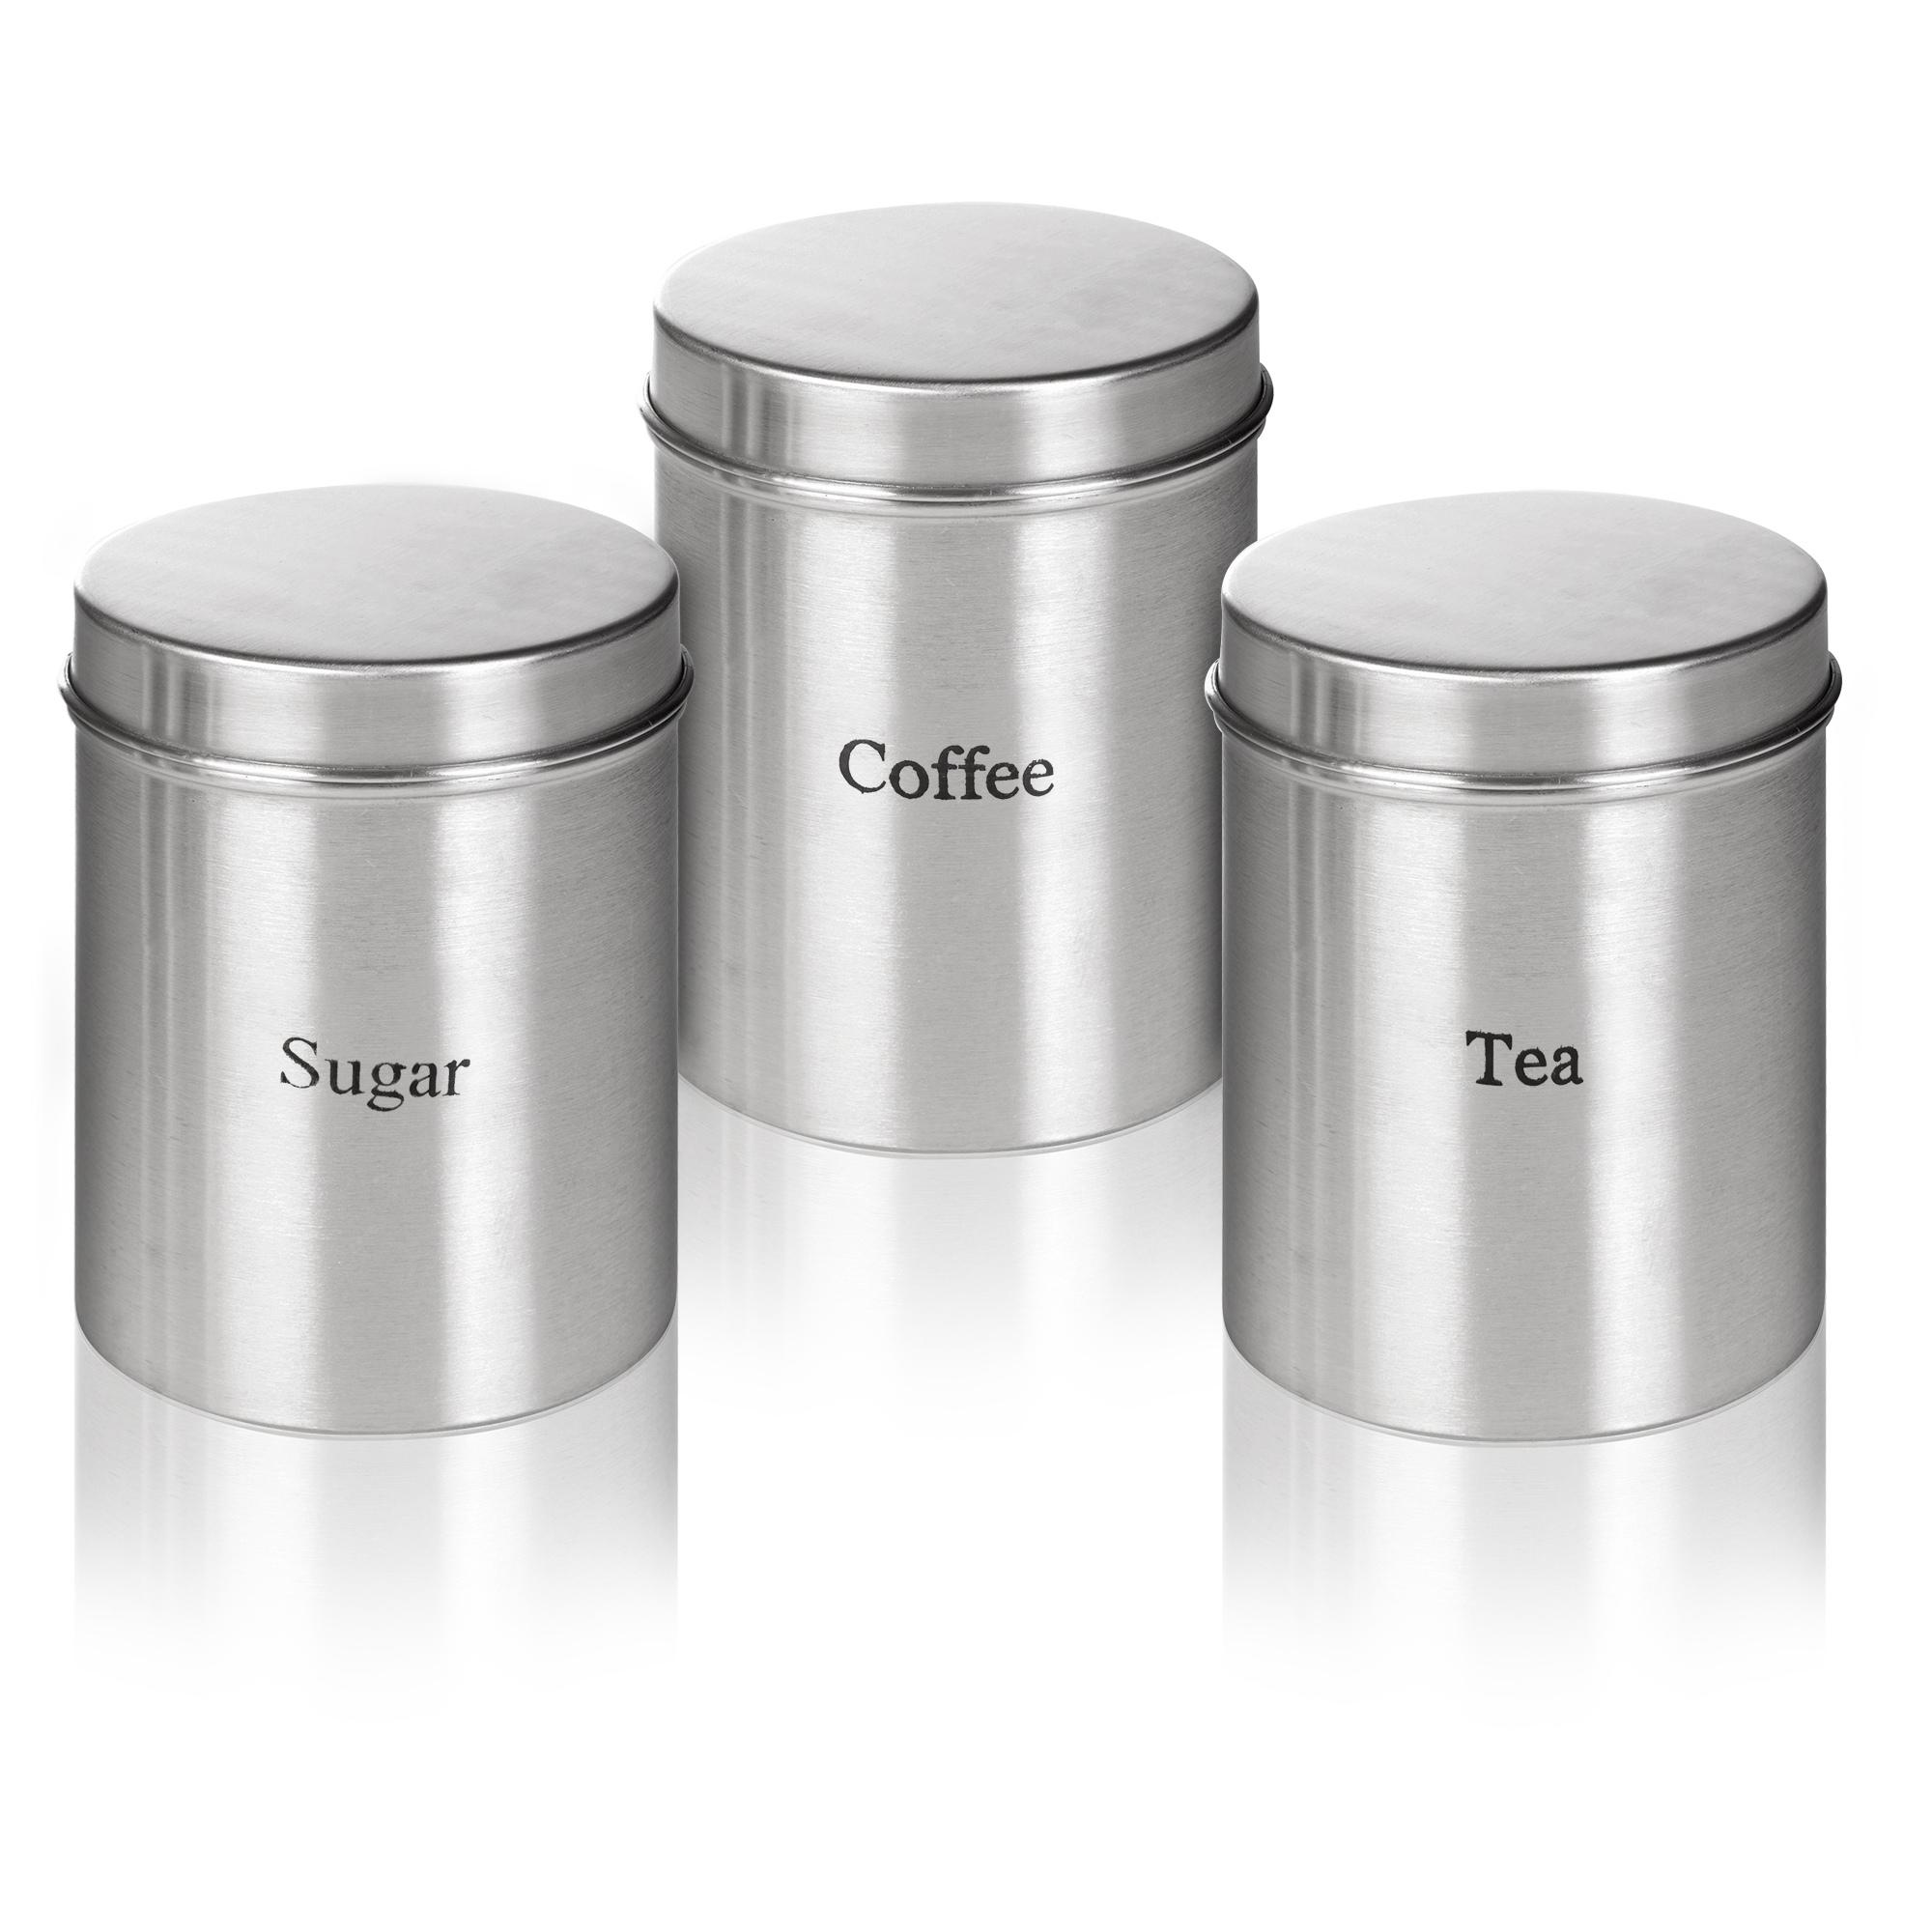 Kitchen Canister Set 3pc Stainless Steel Storage Jars Sugar Coffee Tea Kitchen